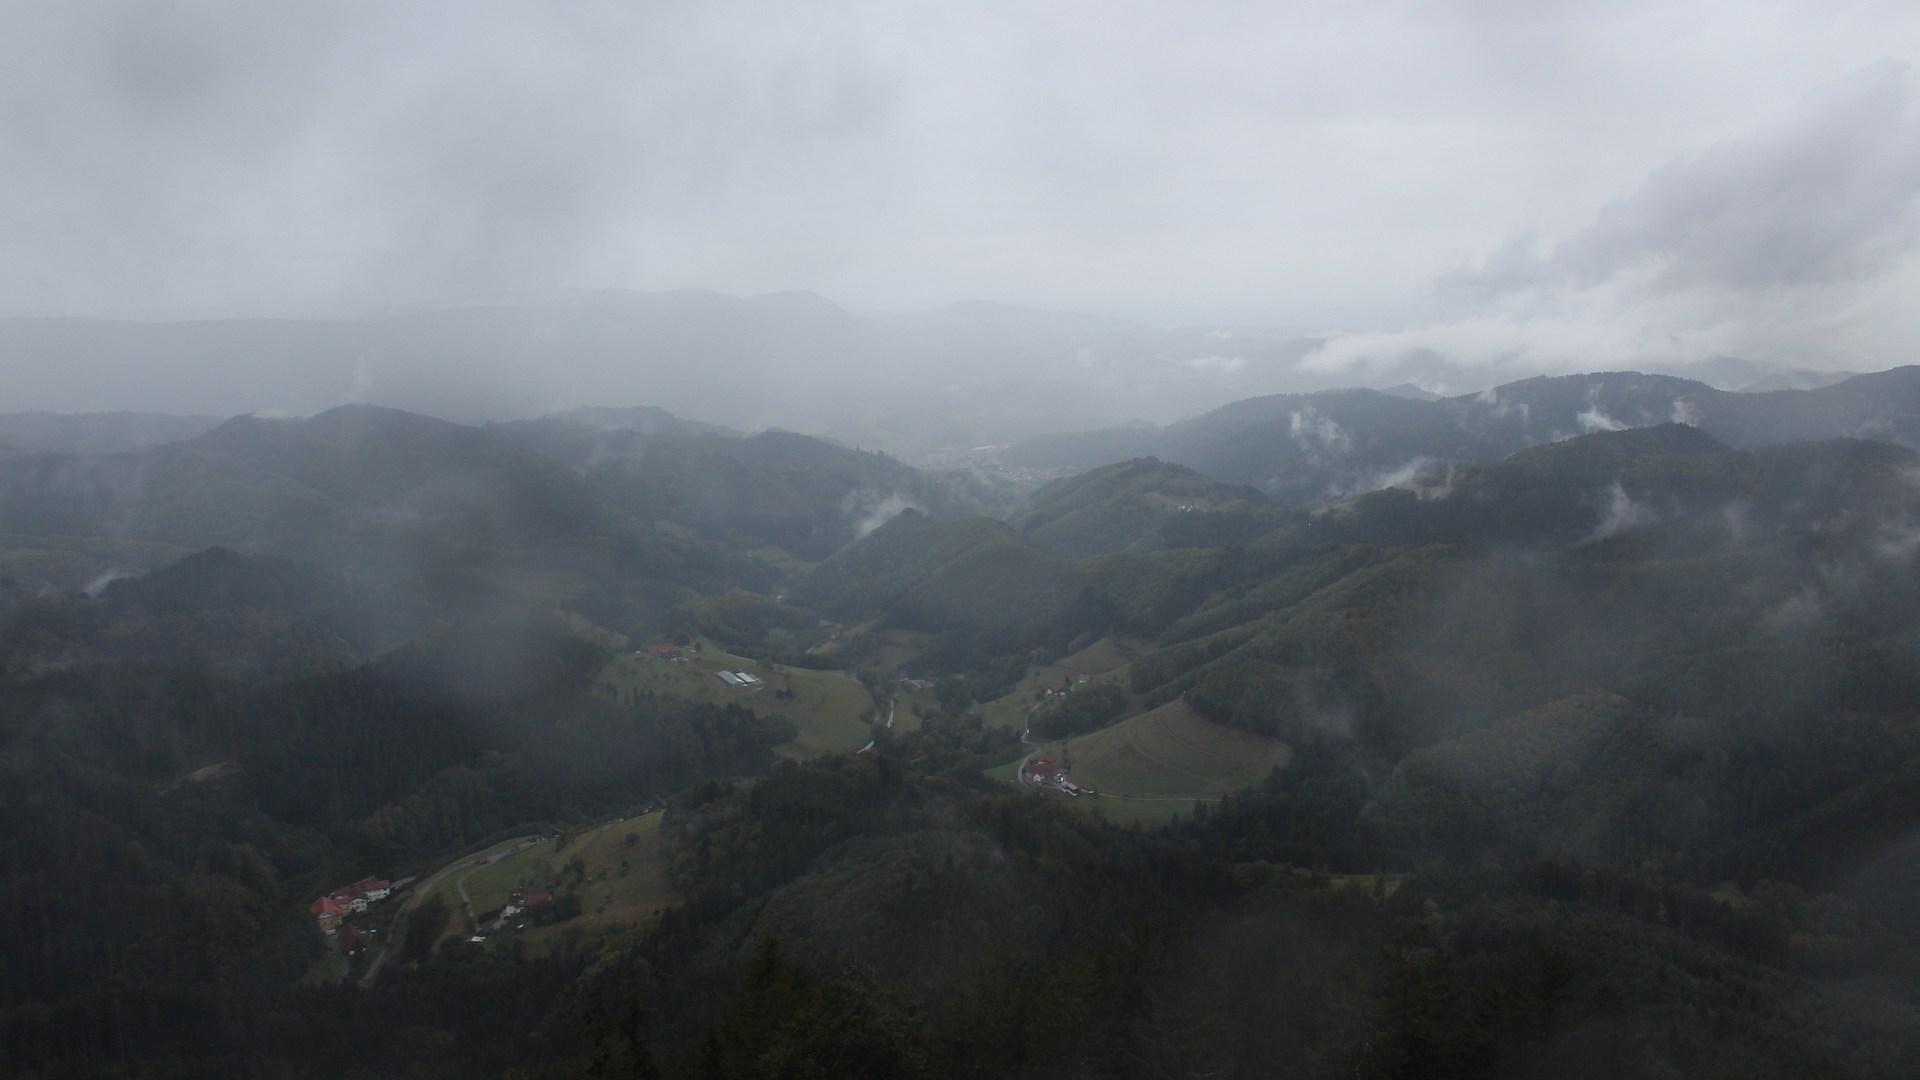 Aufnahme: Buchkopfturm vom 24.09.2020 18:50